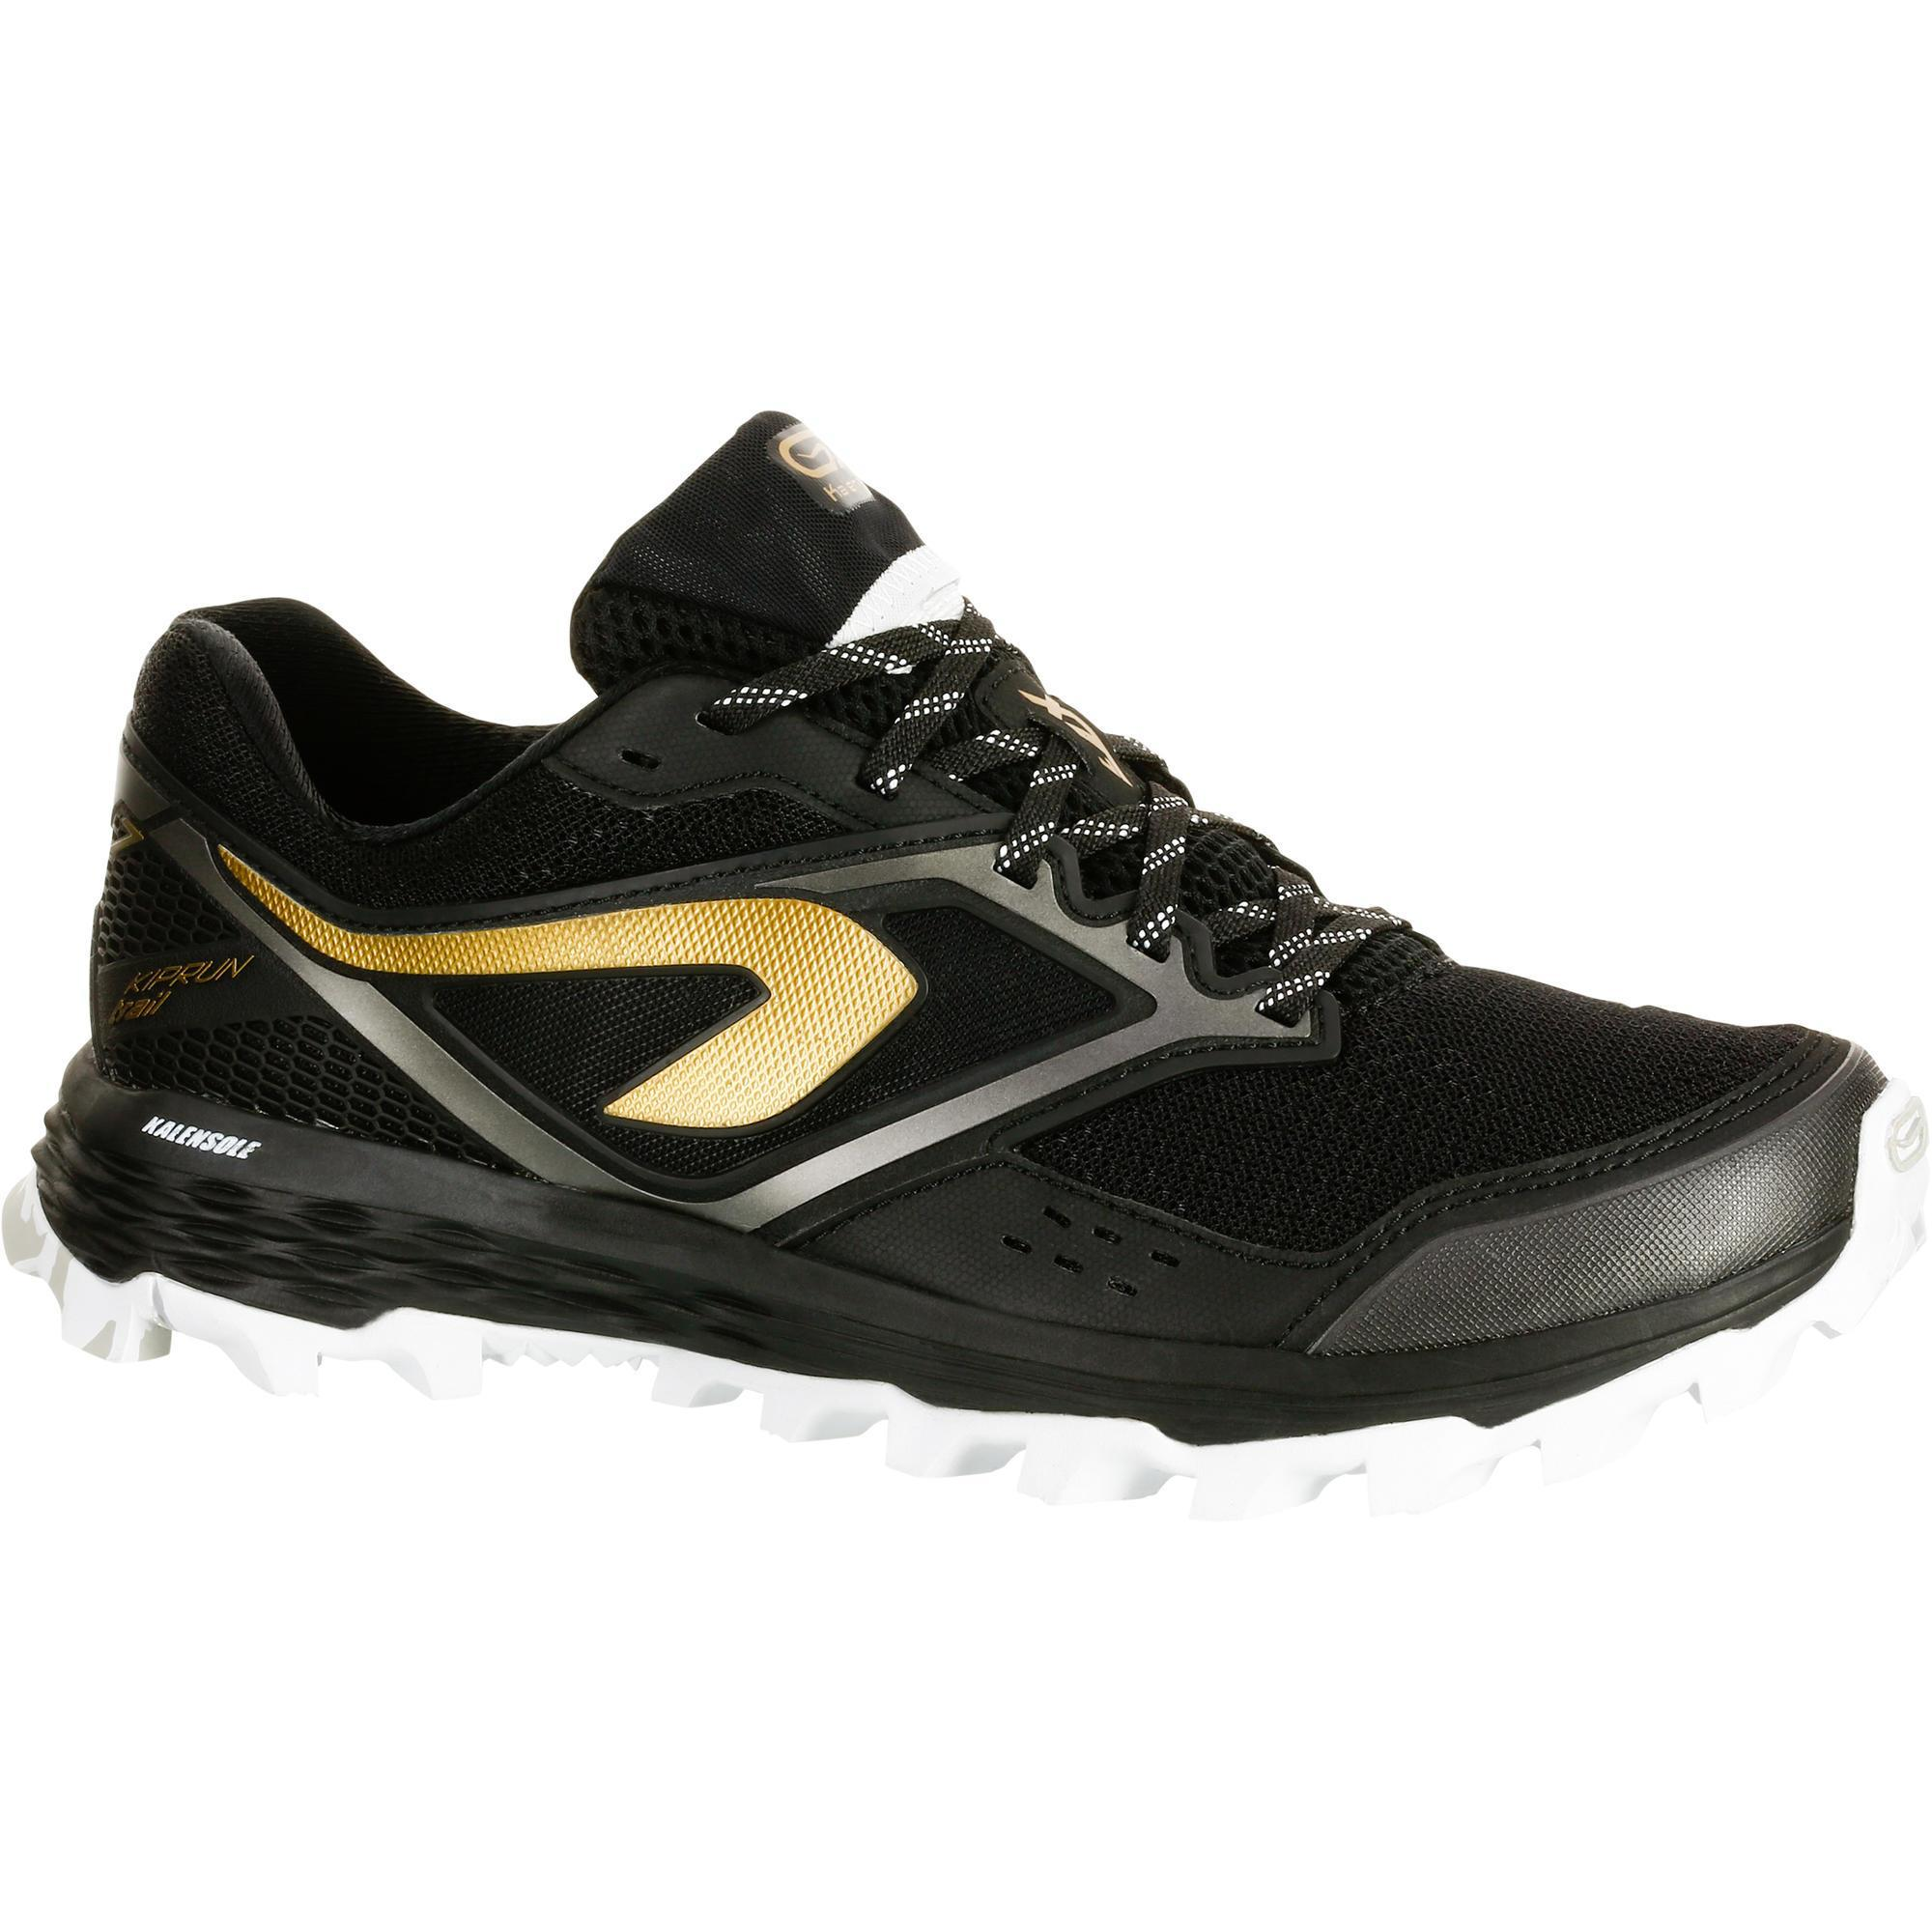 2501098 Kalenji Trailschoenen voor dames Kiprun Trail XT 7 zwart brons